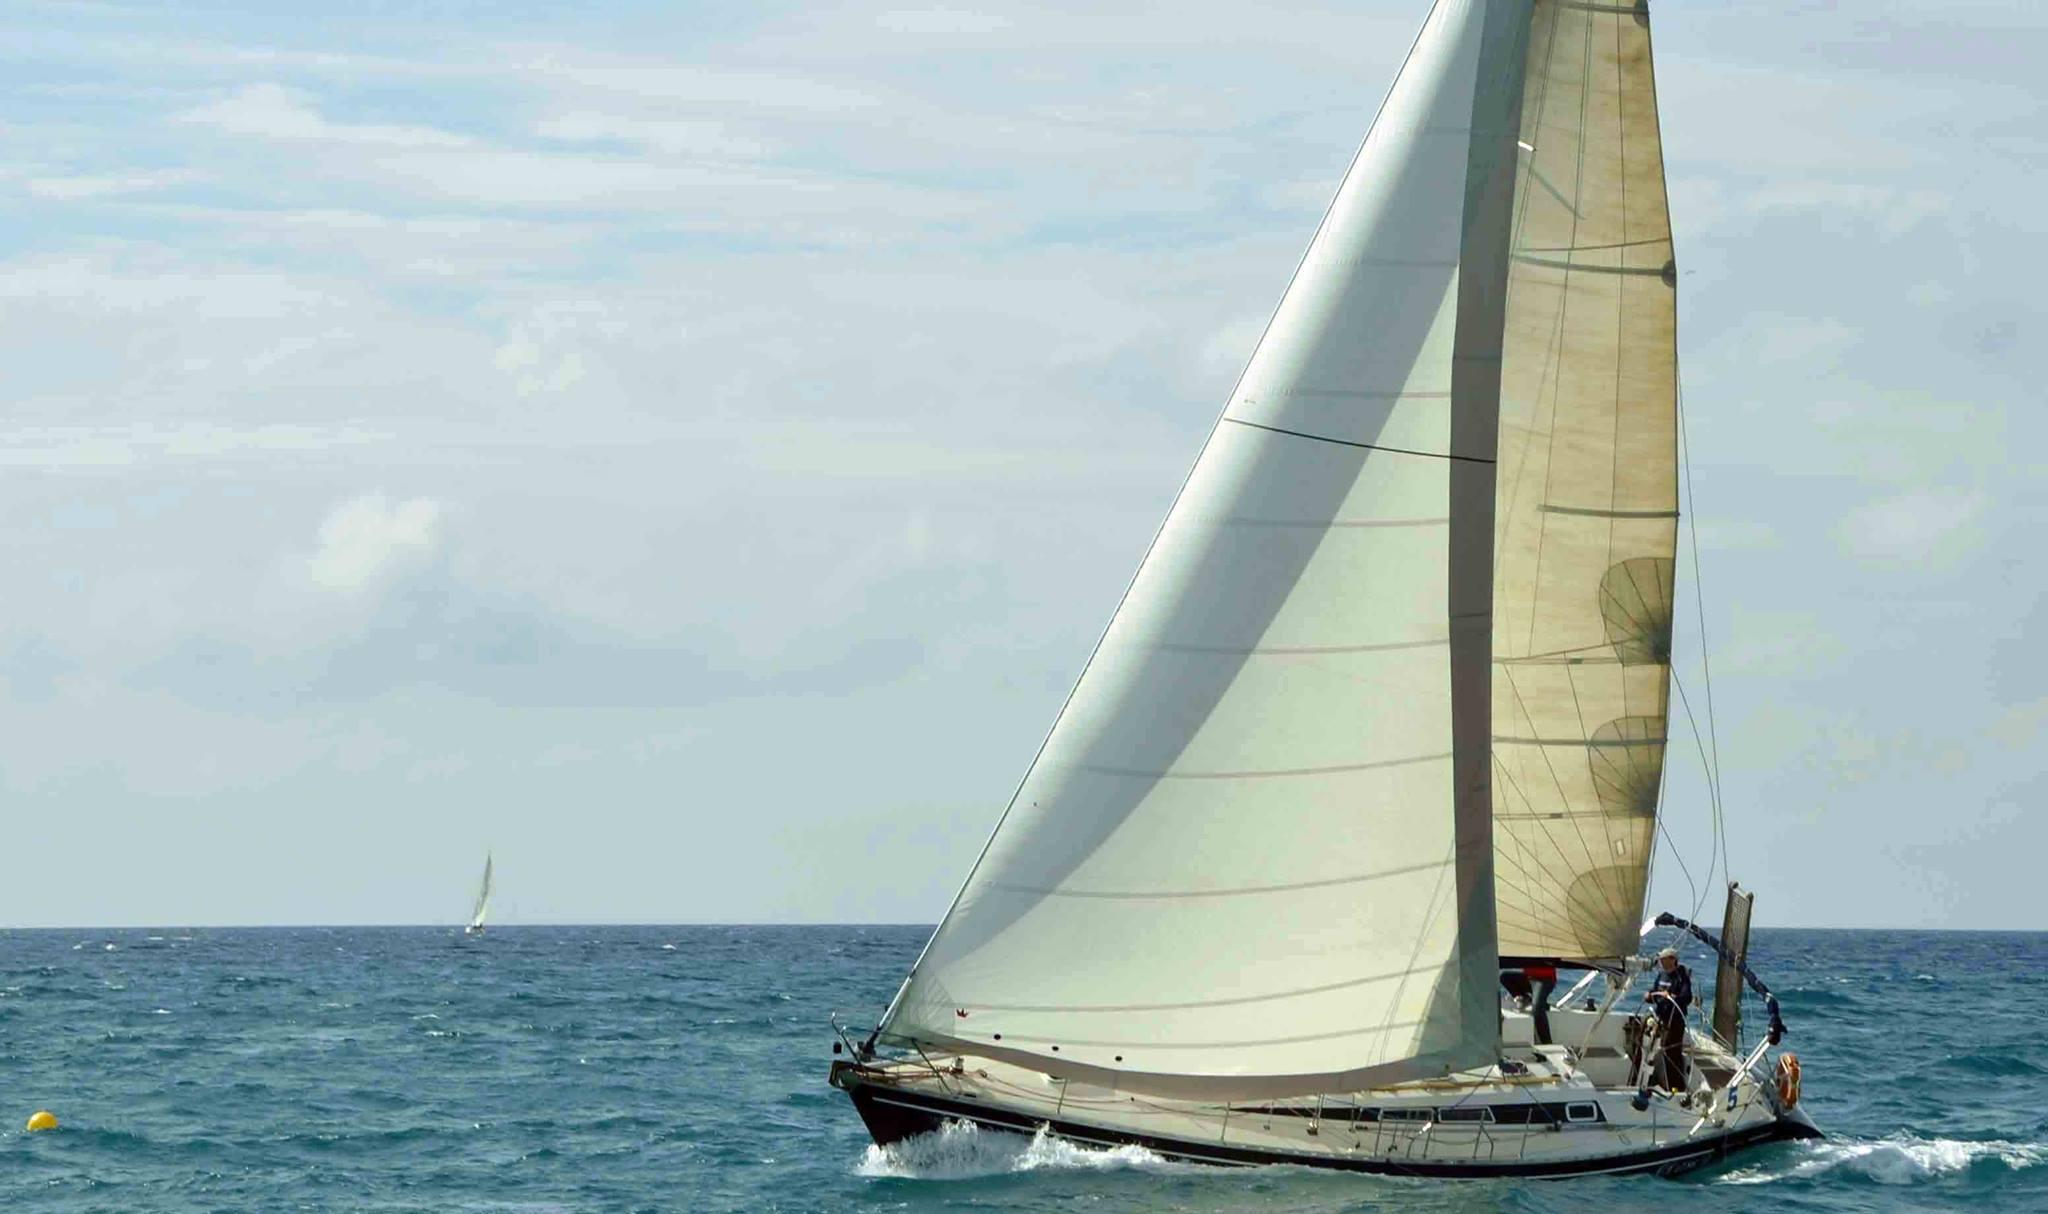 Via col vento regata Tropea, Gizzeria e Pizzo (9)